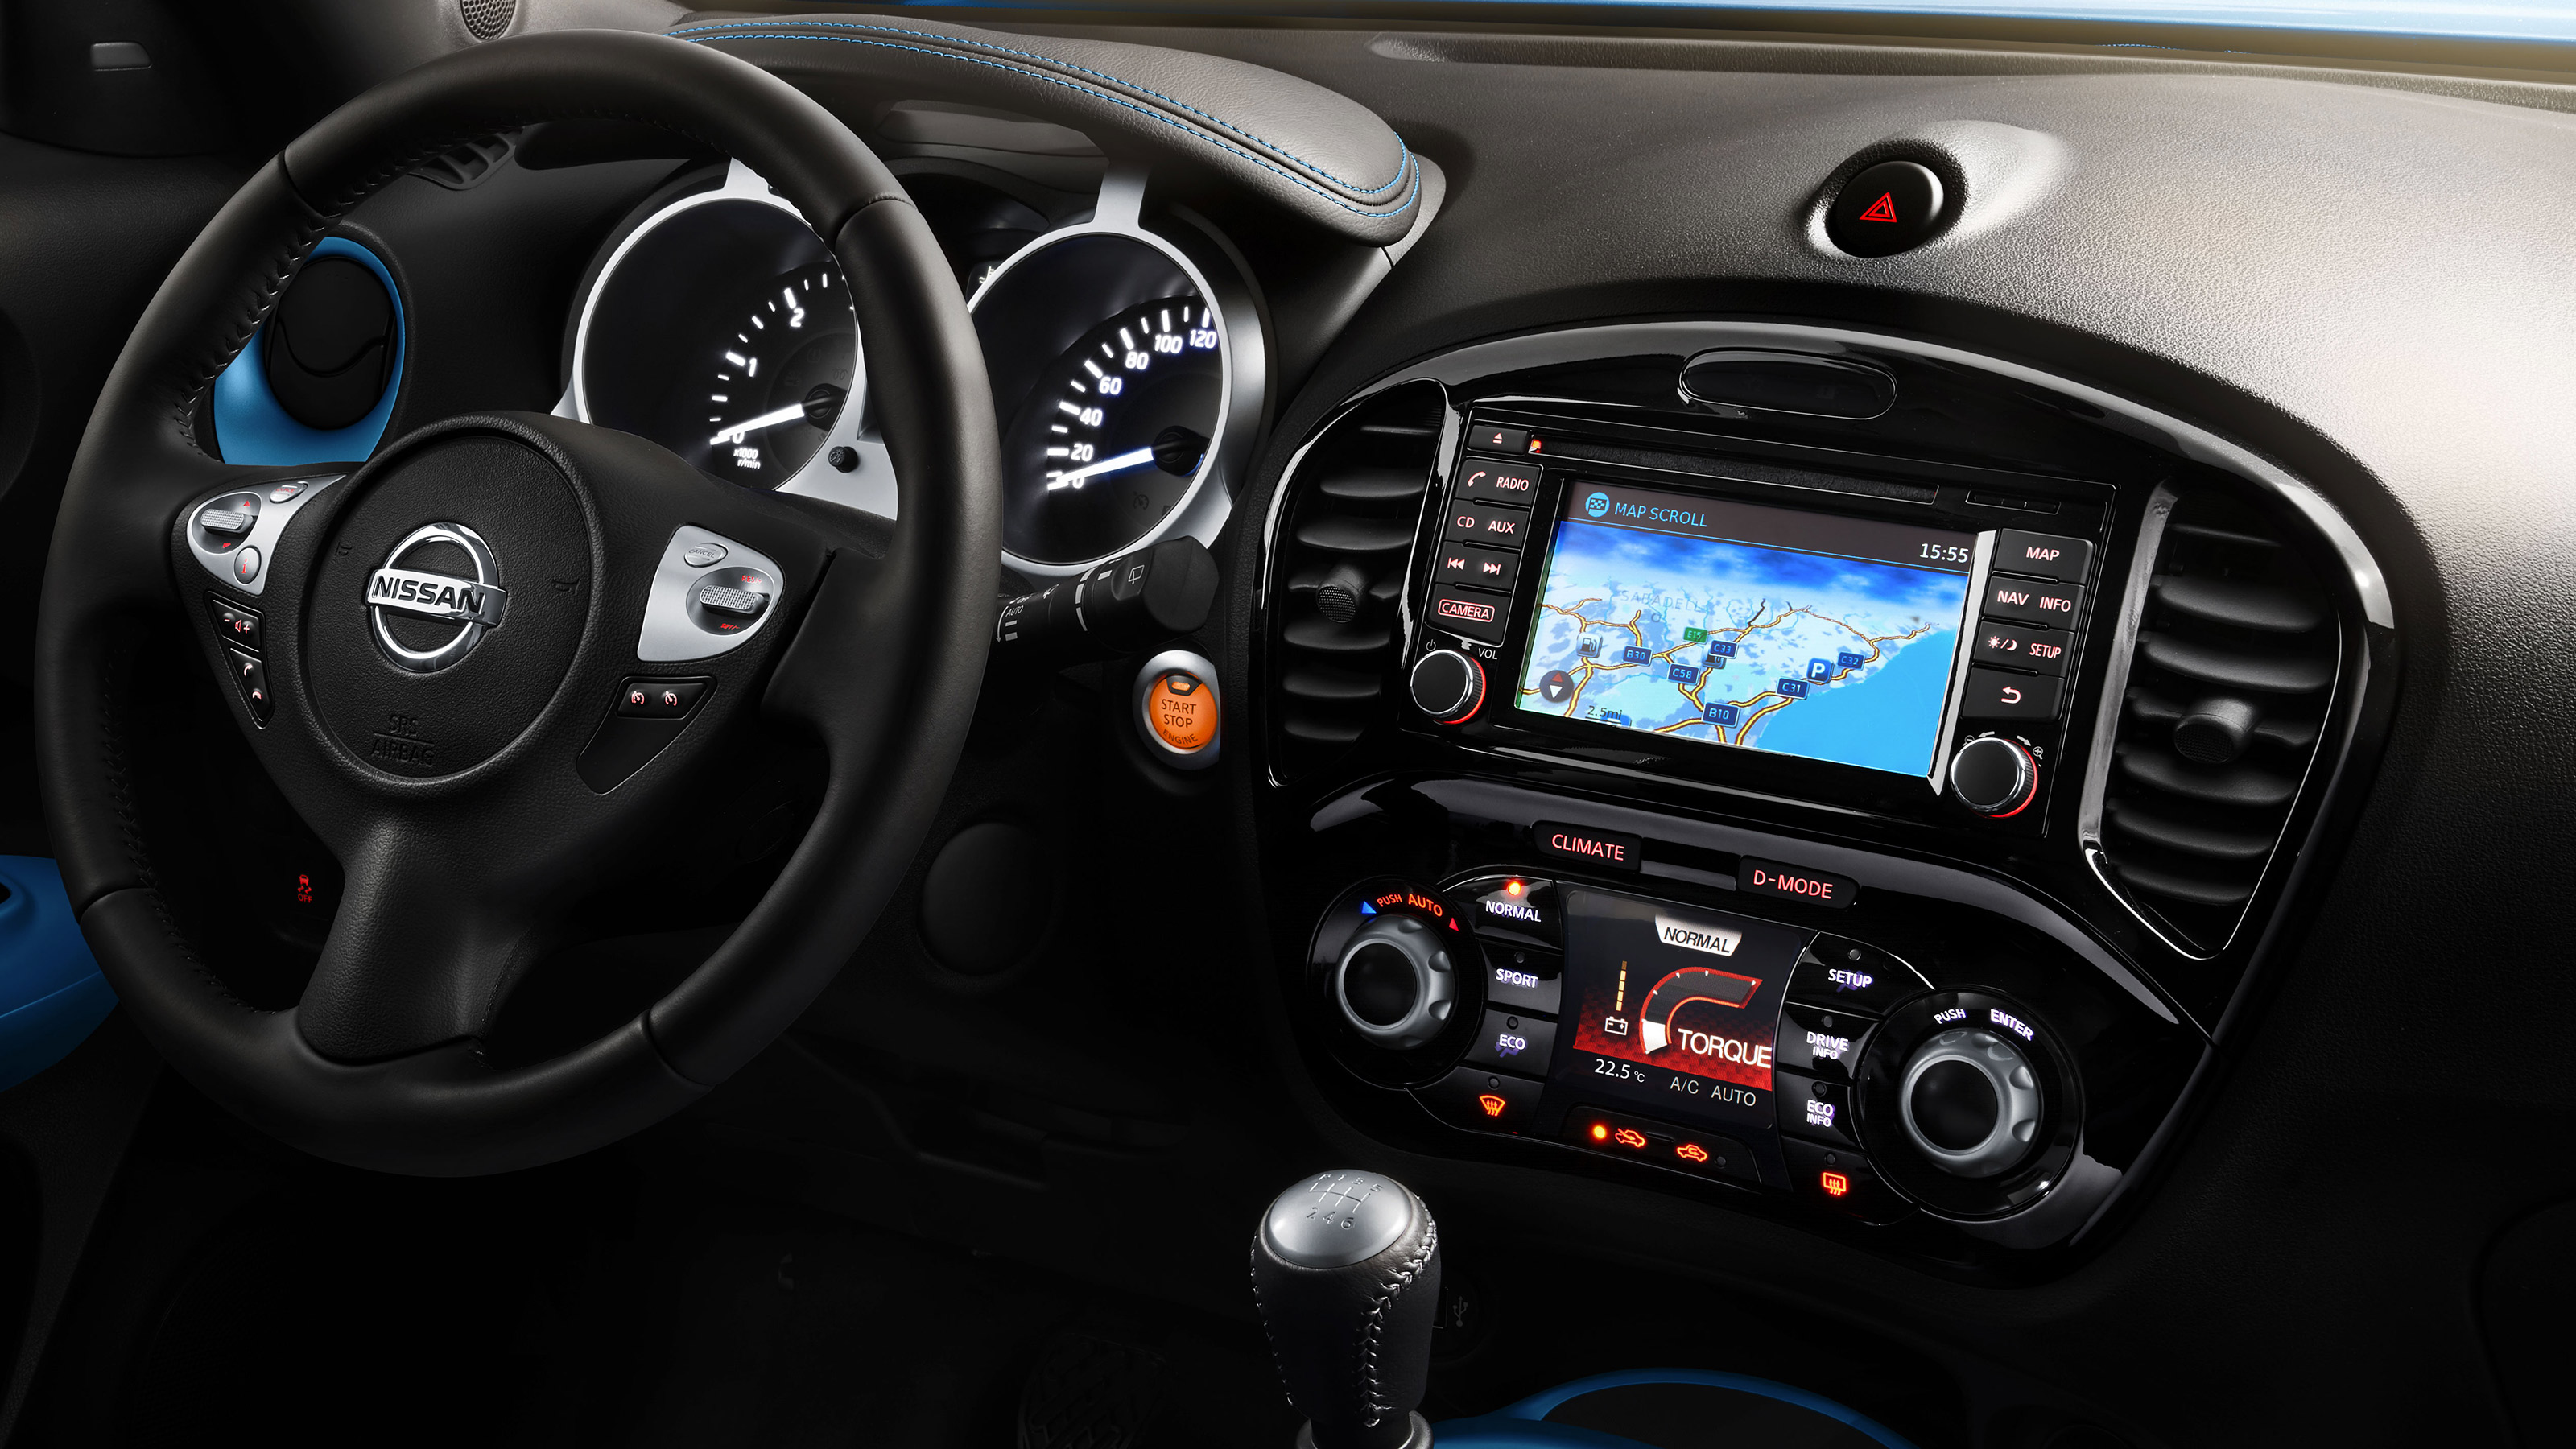 Nissan JUKE2018: консоль и приборная панель